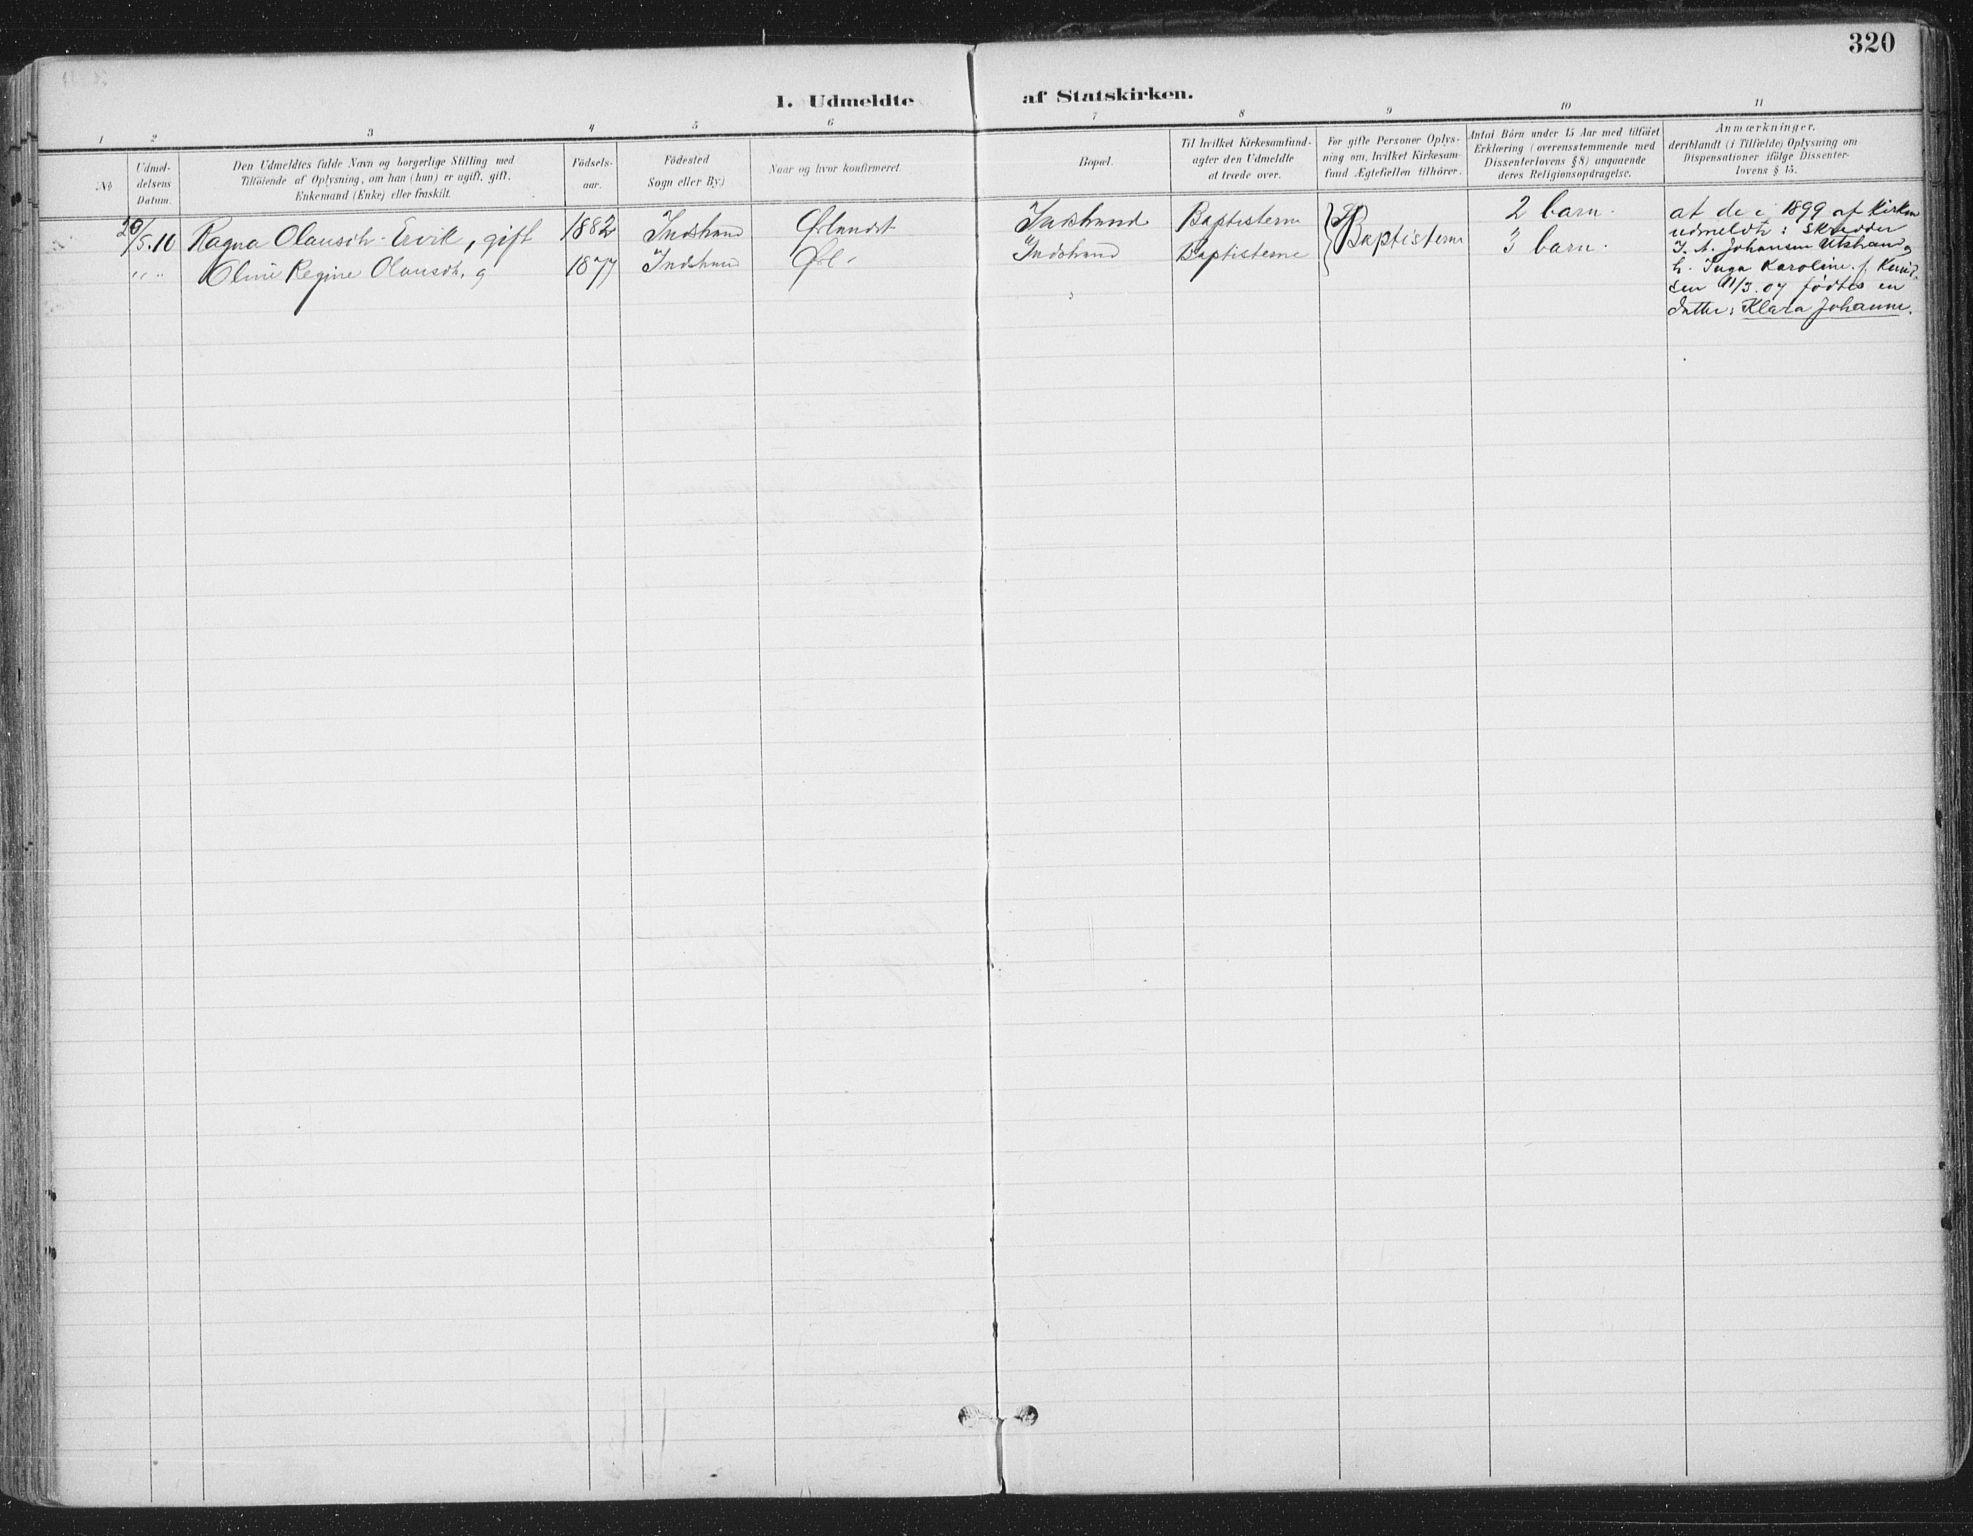 SAT, Ministerialprotokoller, klokkerbøker og fødselsregistre - Sør-Trøndelag, 659/L0743: Ministerialbok nr. 659A13, 1893-1910, s. 320